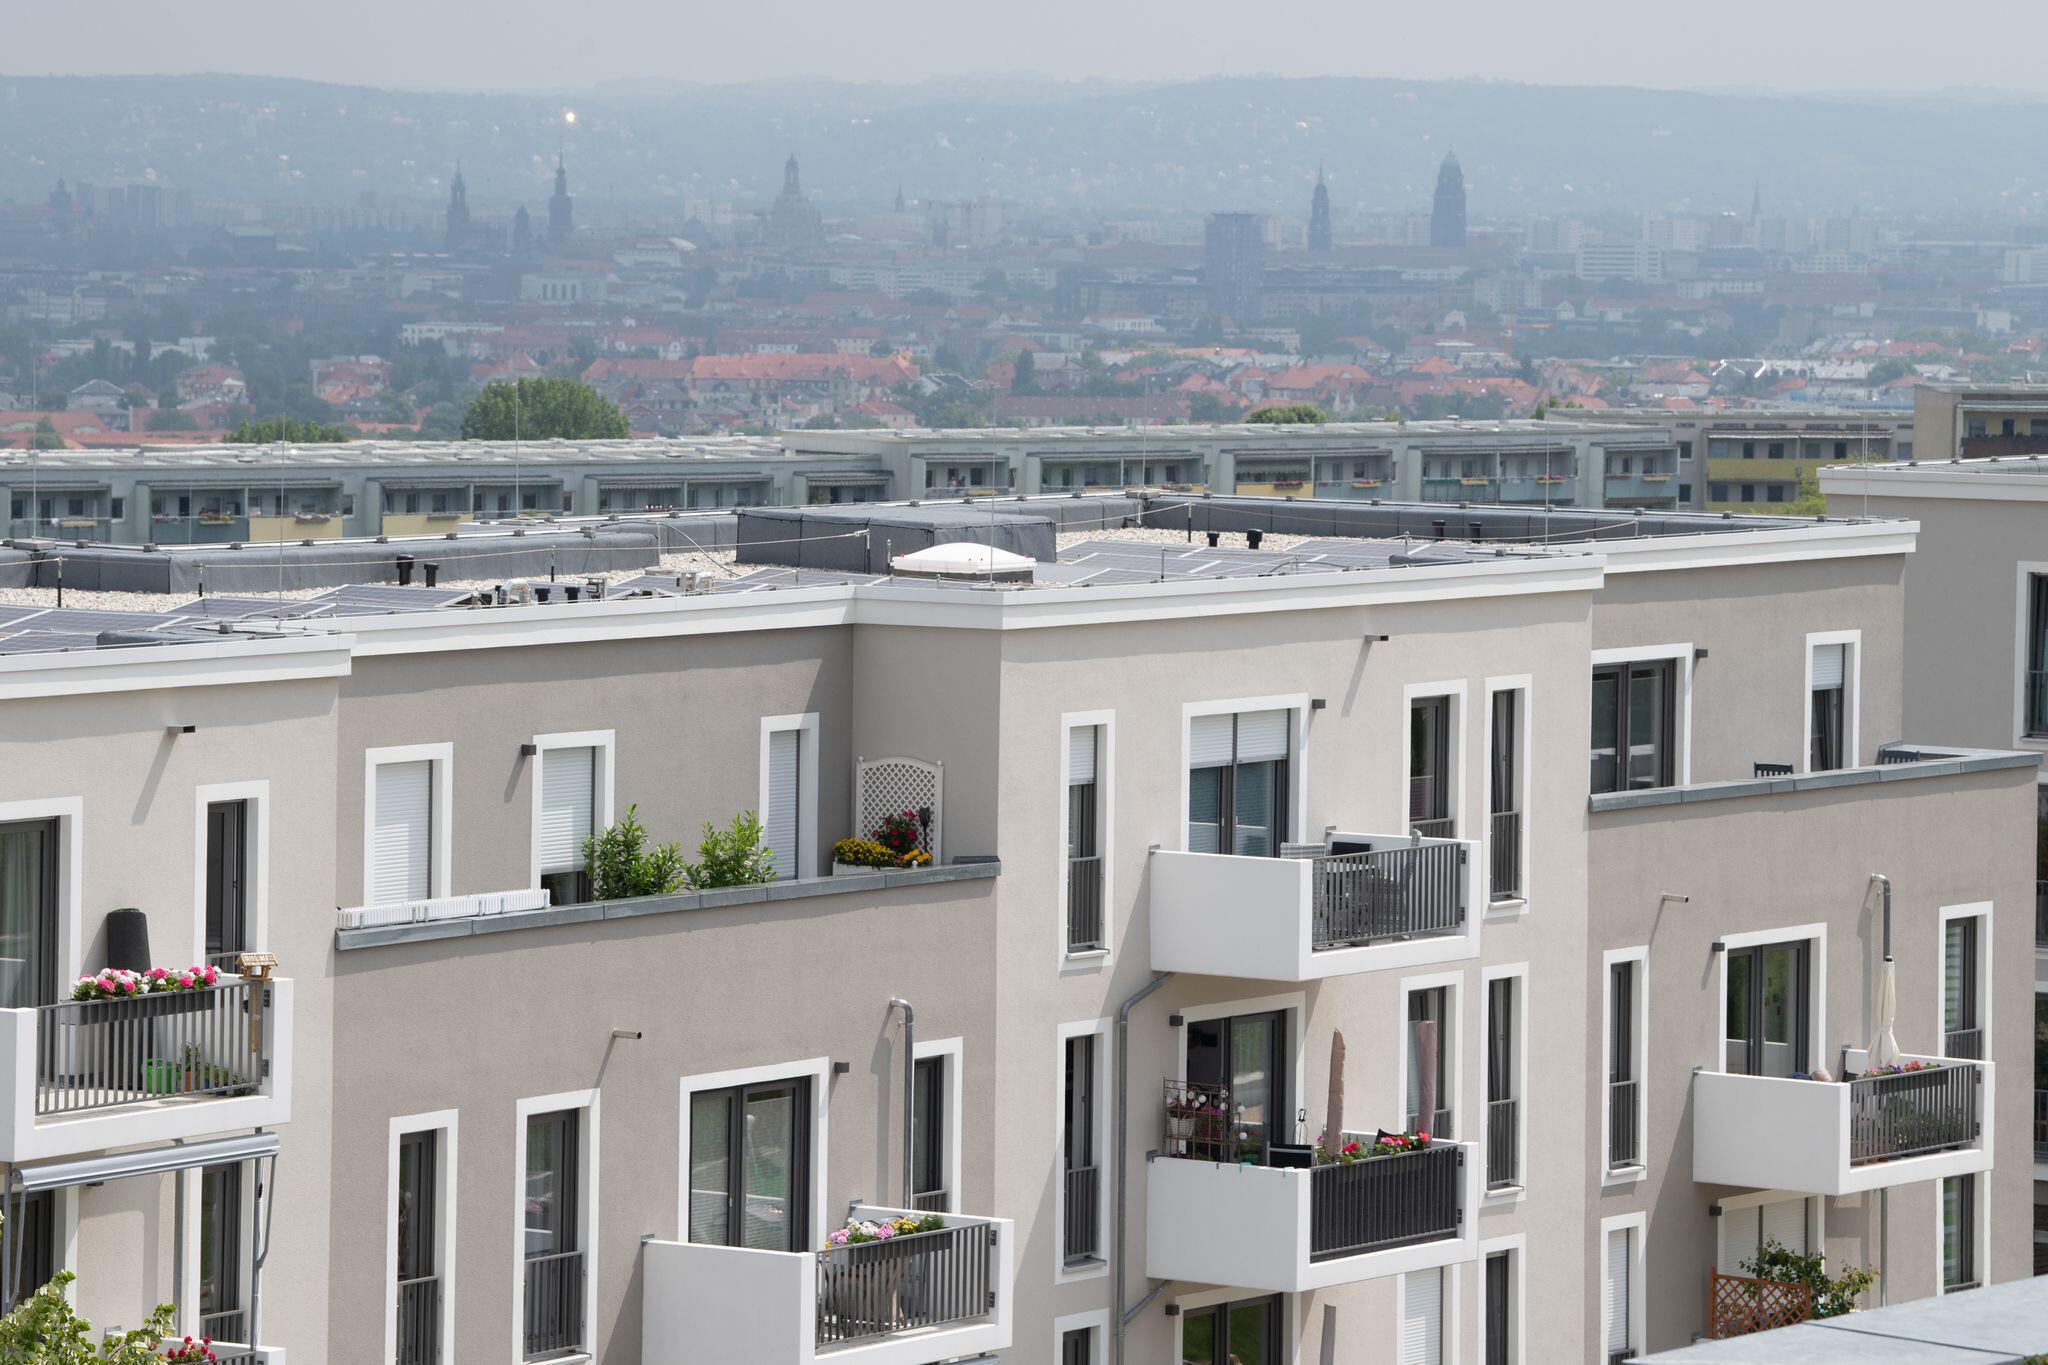 Bild zu Preise für Wohnungen und Häuser steigen erneut kräftig